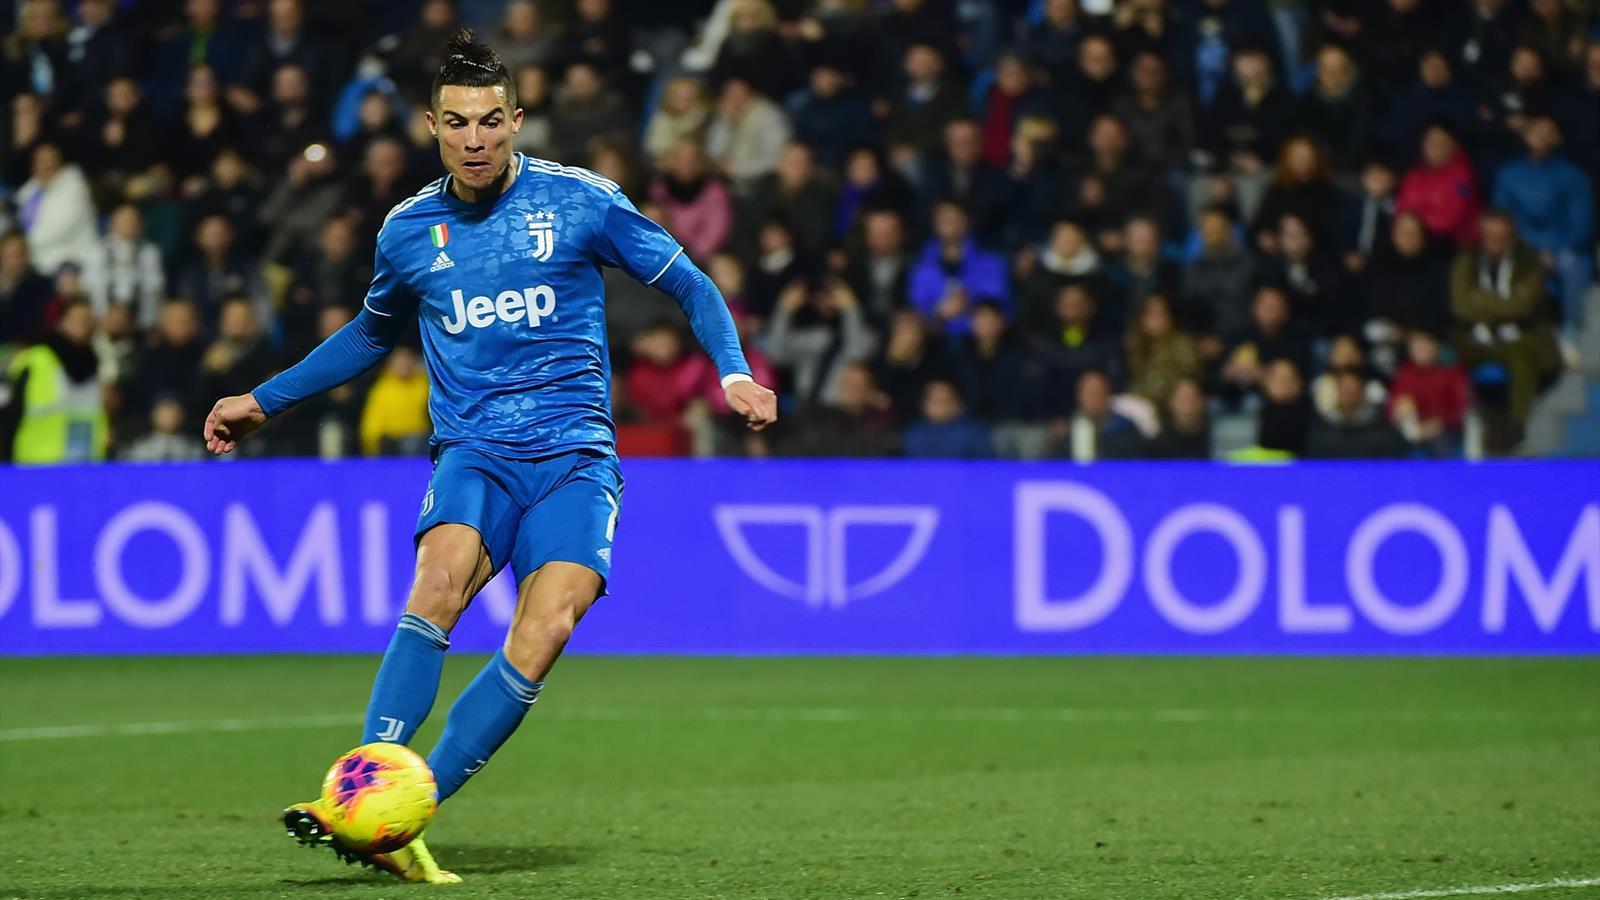 Роналду забил в 1000-м матче в карьере, в 11-й игре подряд и повторил рекорд Серии A